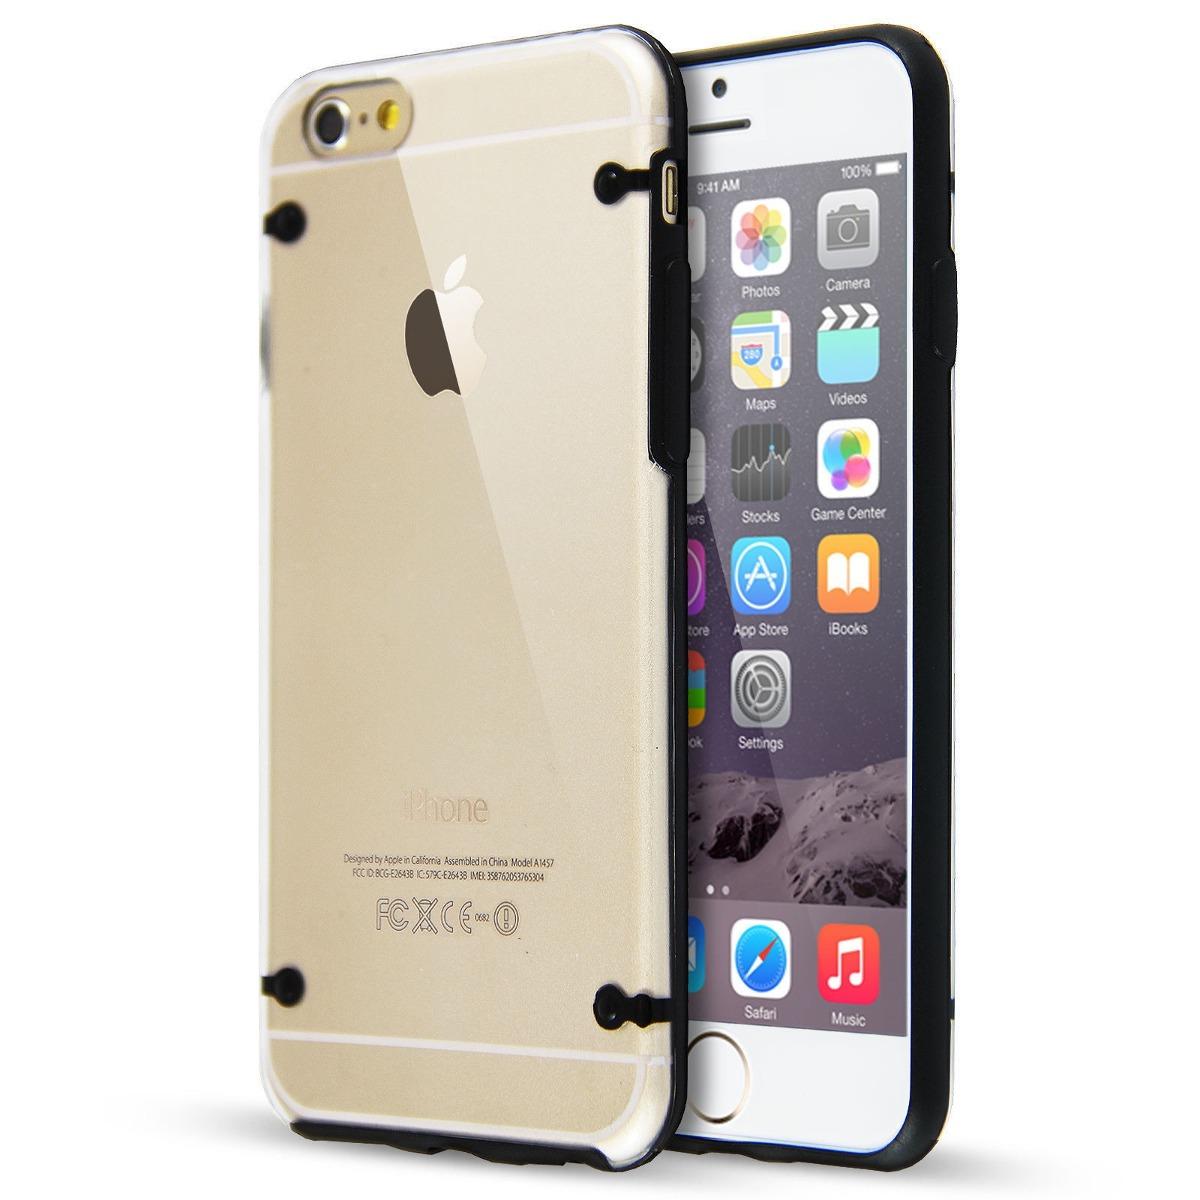 carcasa transparente iphone 6s plus